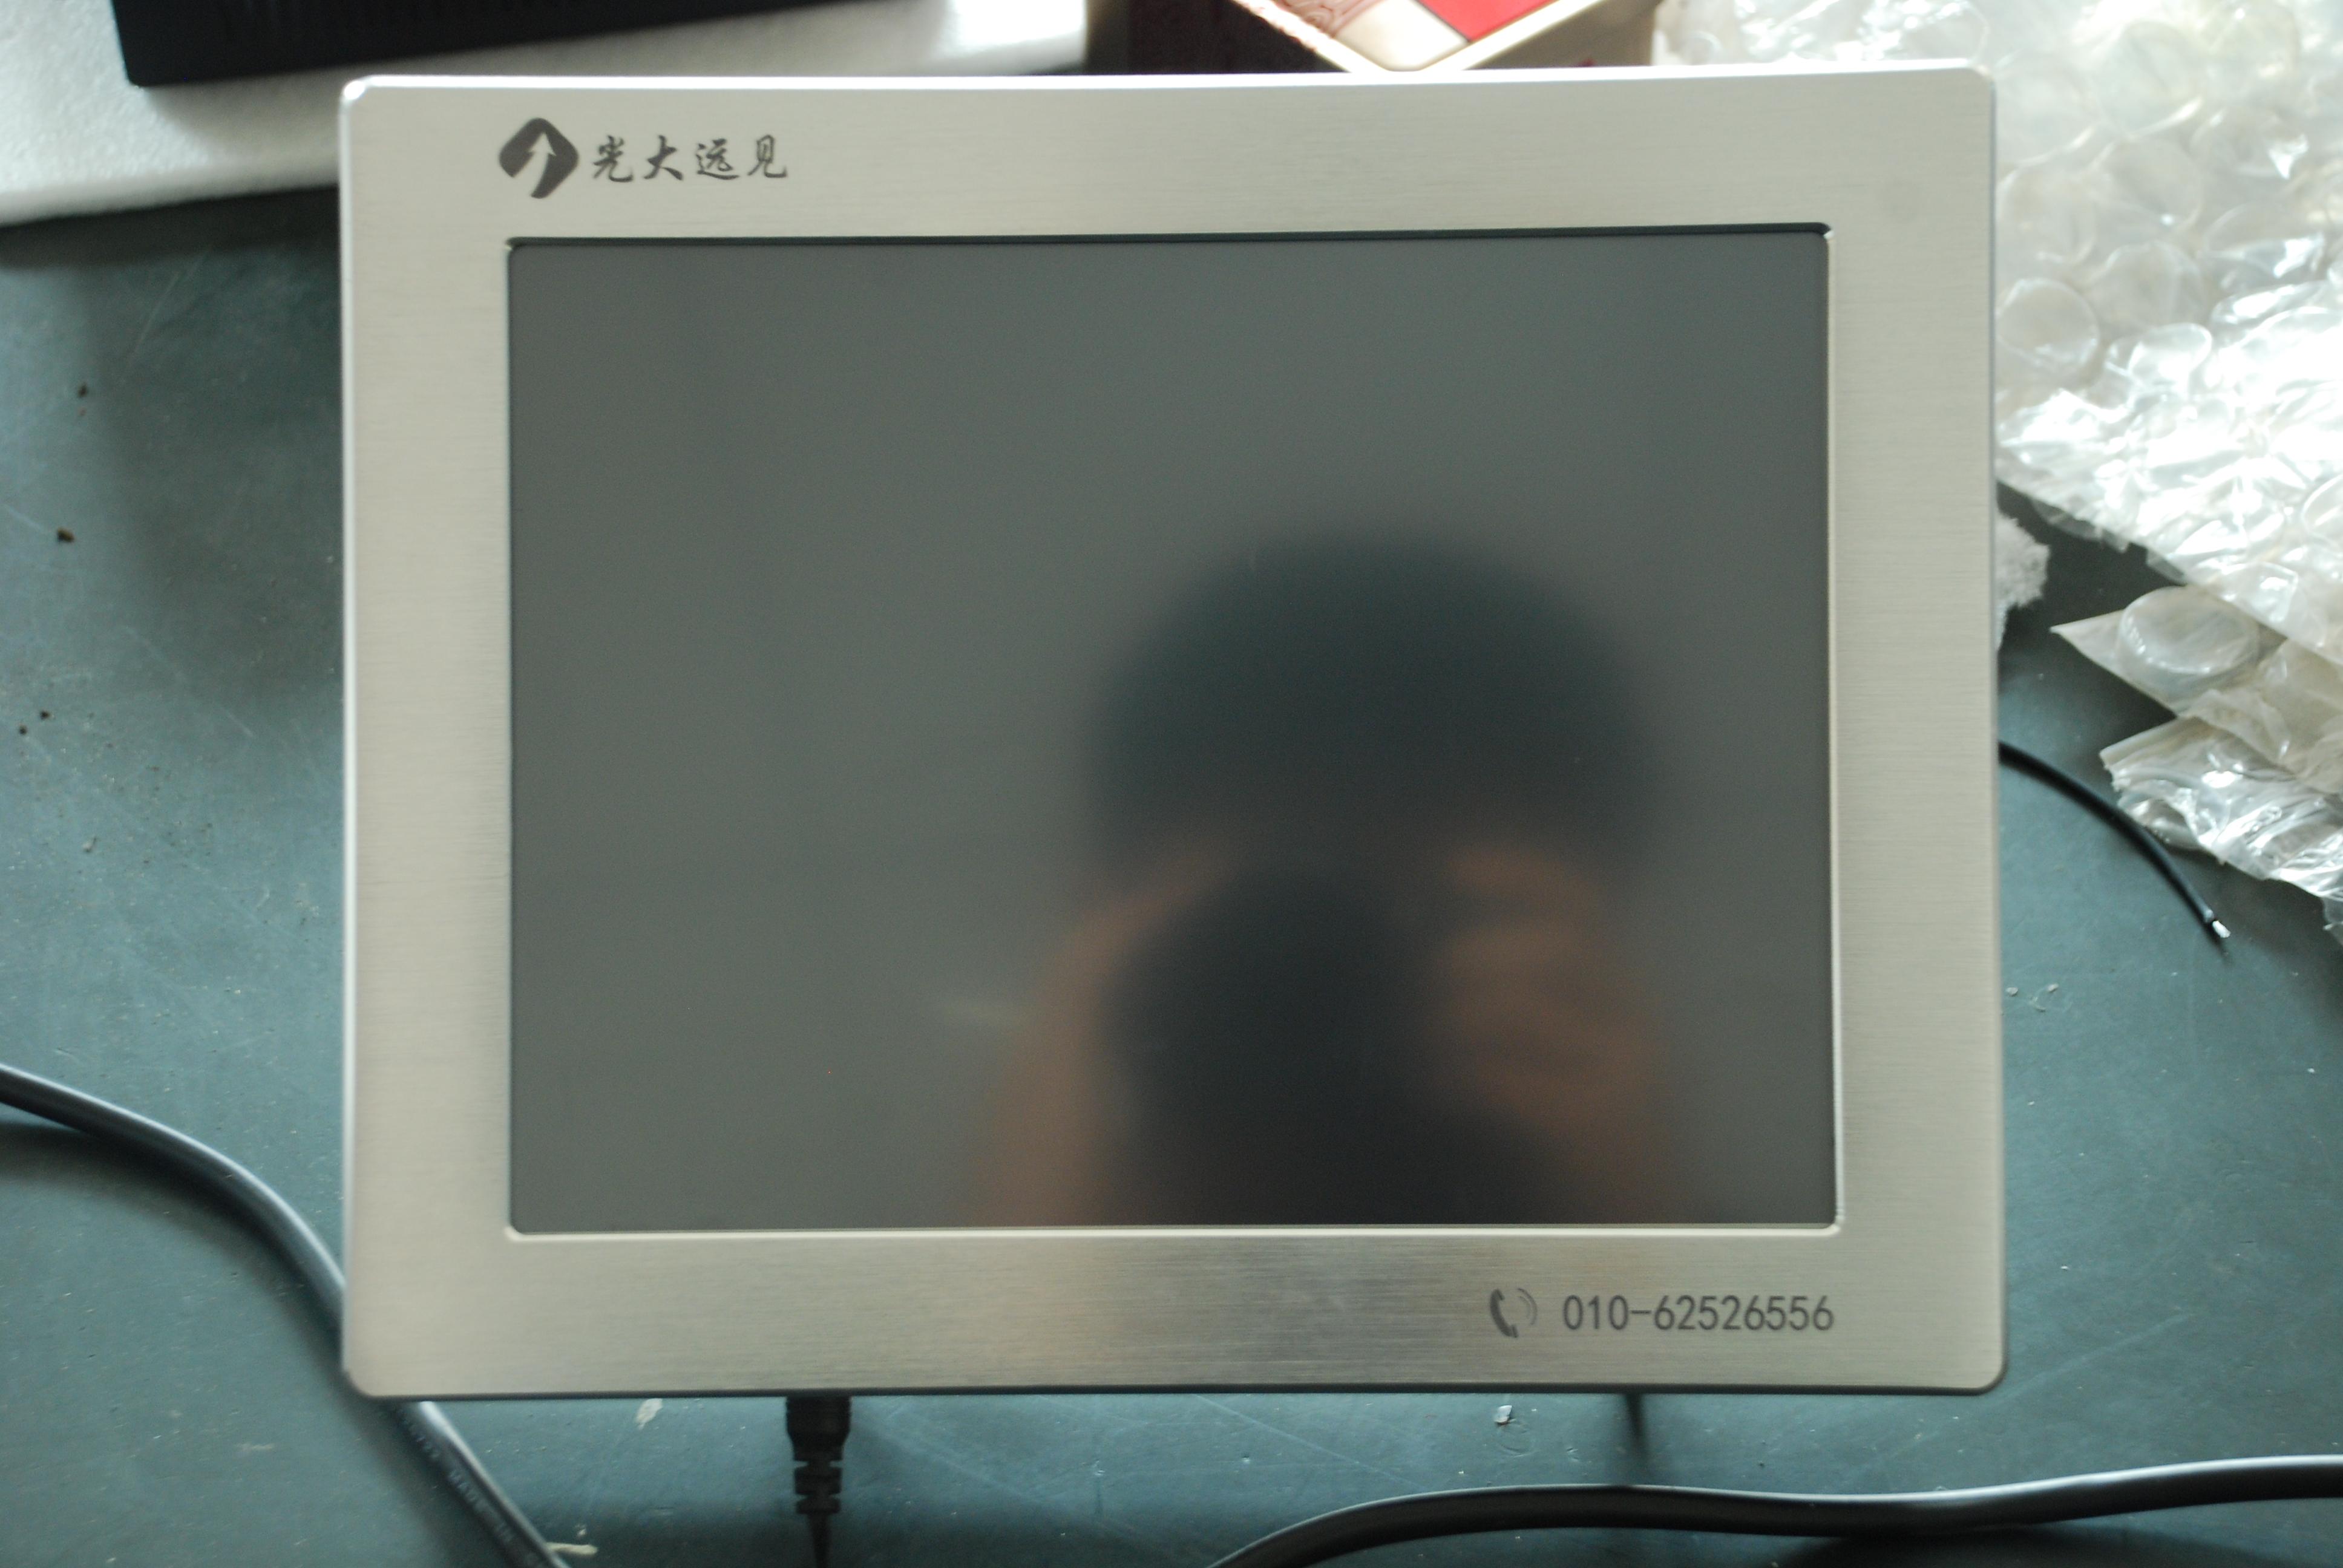 供应7寸工业级显示器,工业一体机,工业平板电脑,车载显示器,车载一体机,车载平板电脑